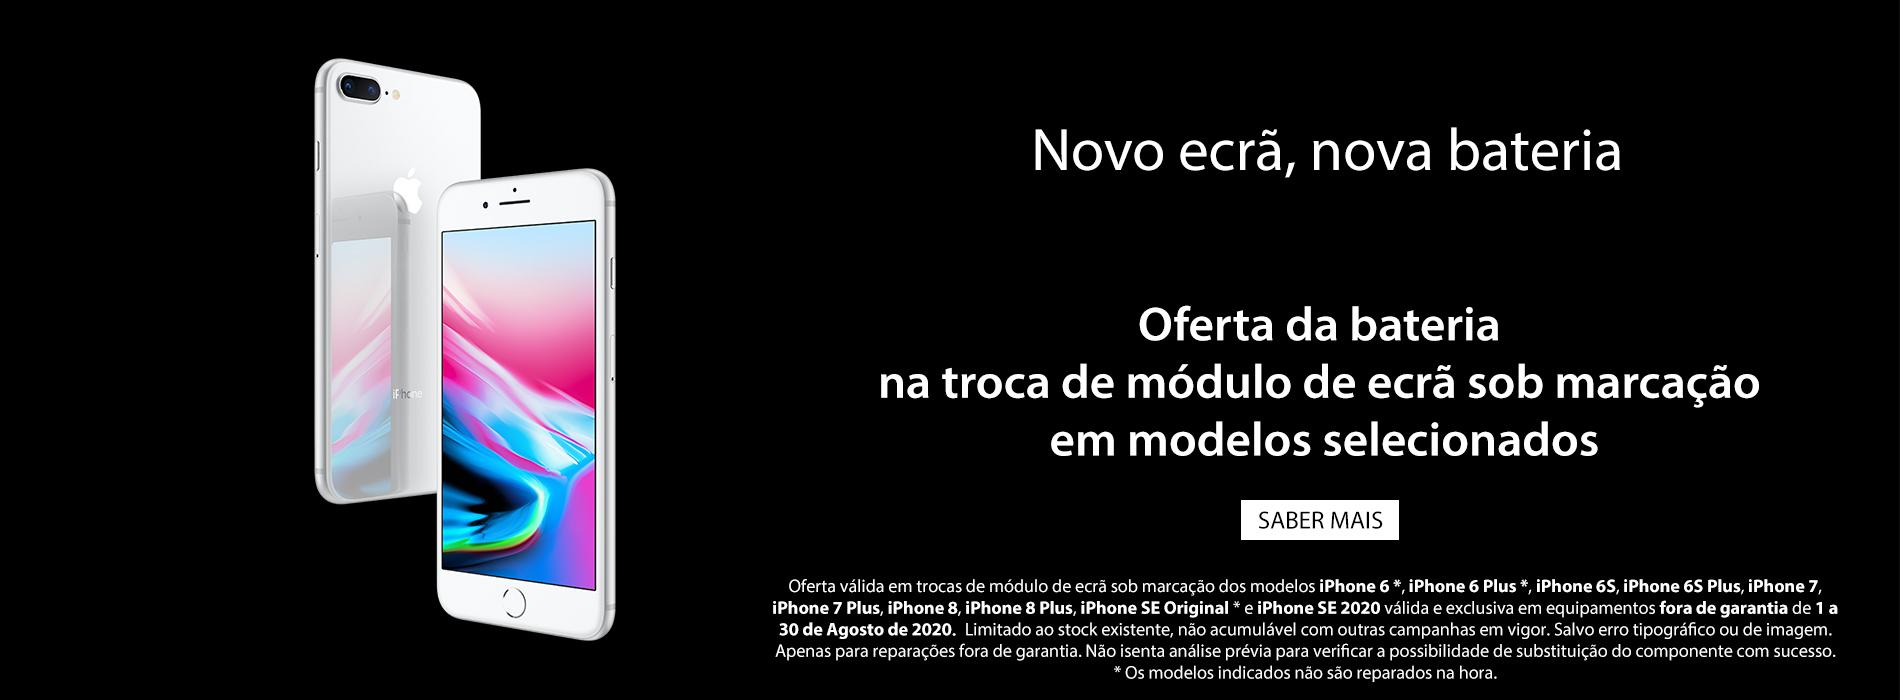 Campanha Oferta de Bateria na troca de módulo de ecrã em modelos selecionados fora de garantia